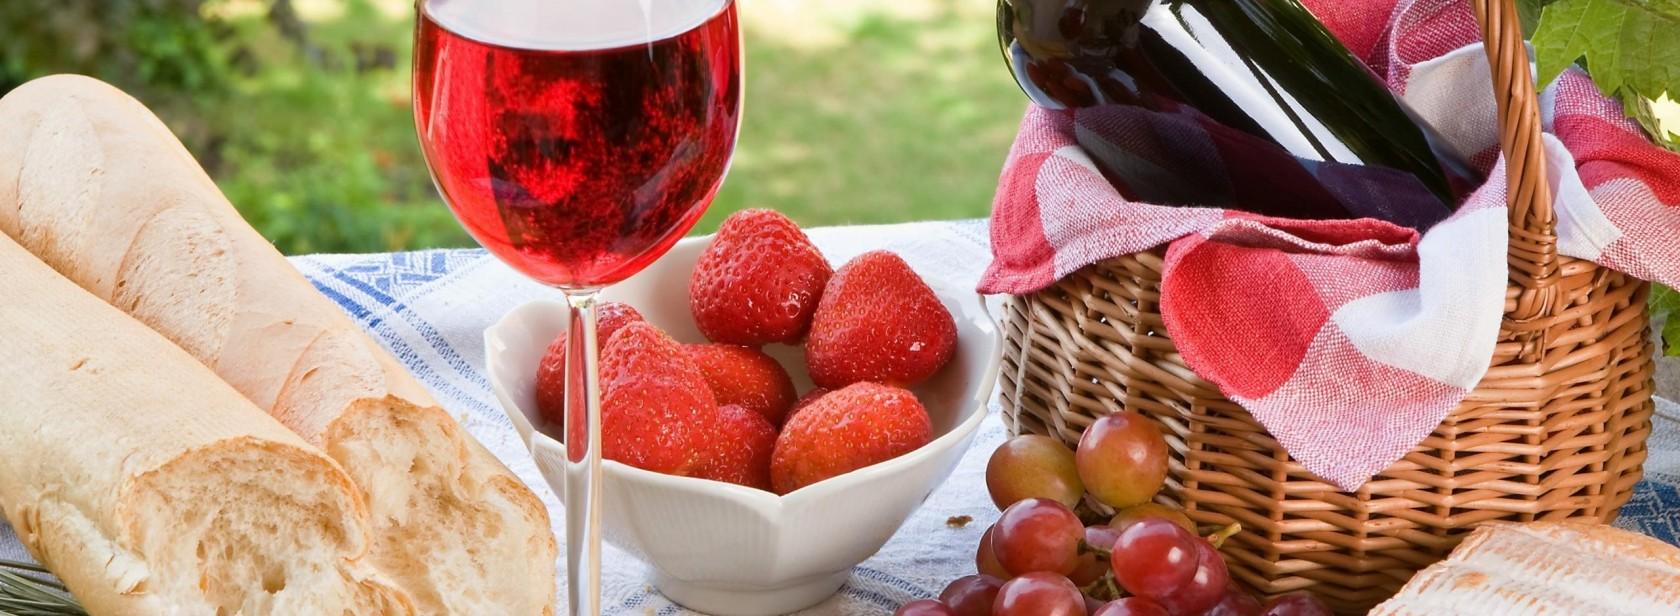 picnic-exclusive-wine-vino-cibo-degustazione